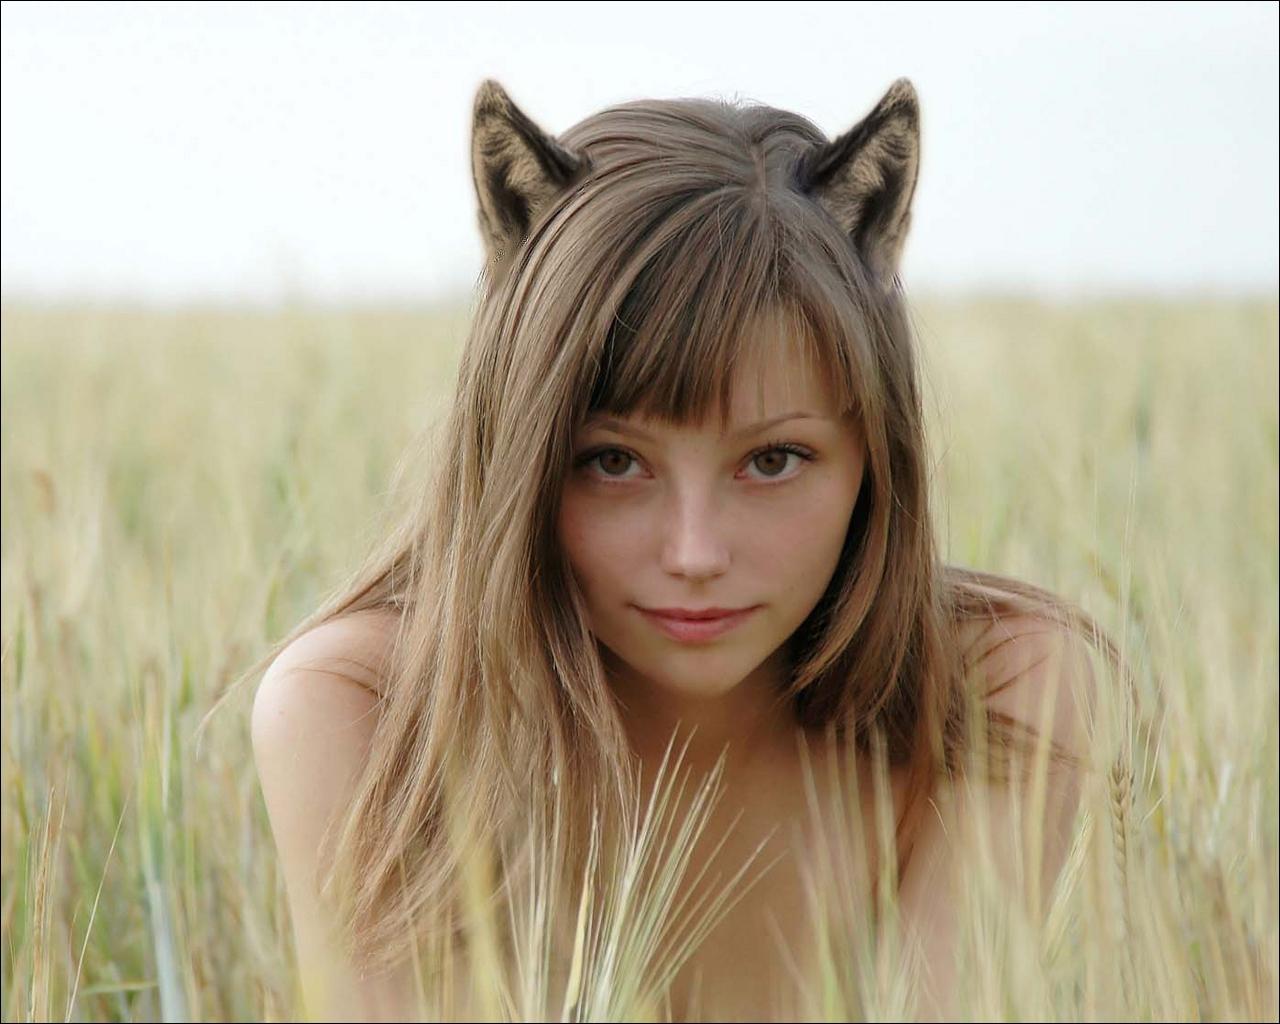 Трах мальчик девачка фото бестлатно 16 фотография